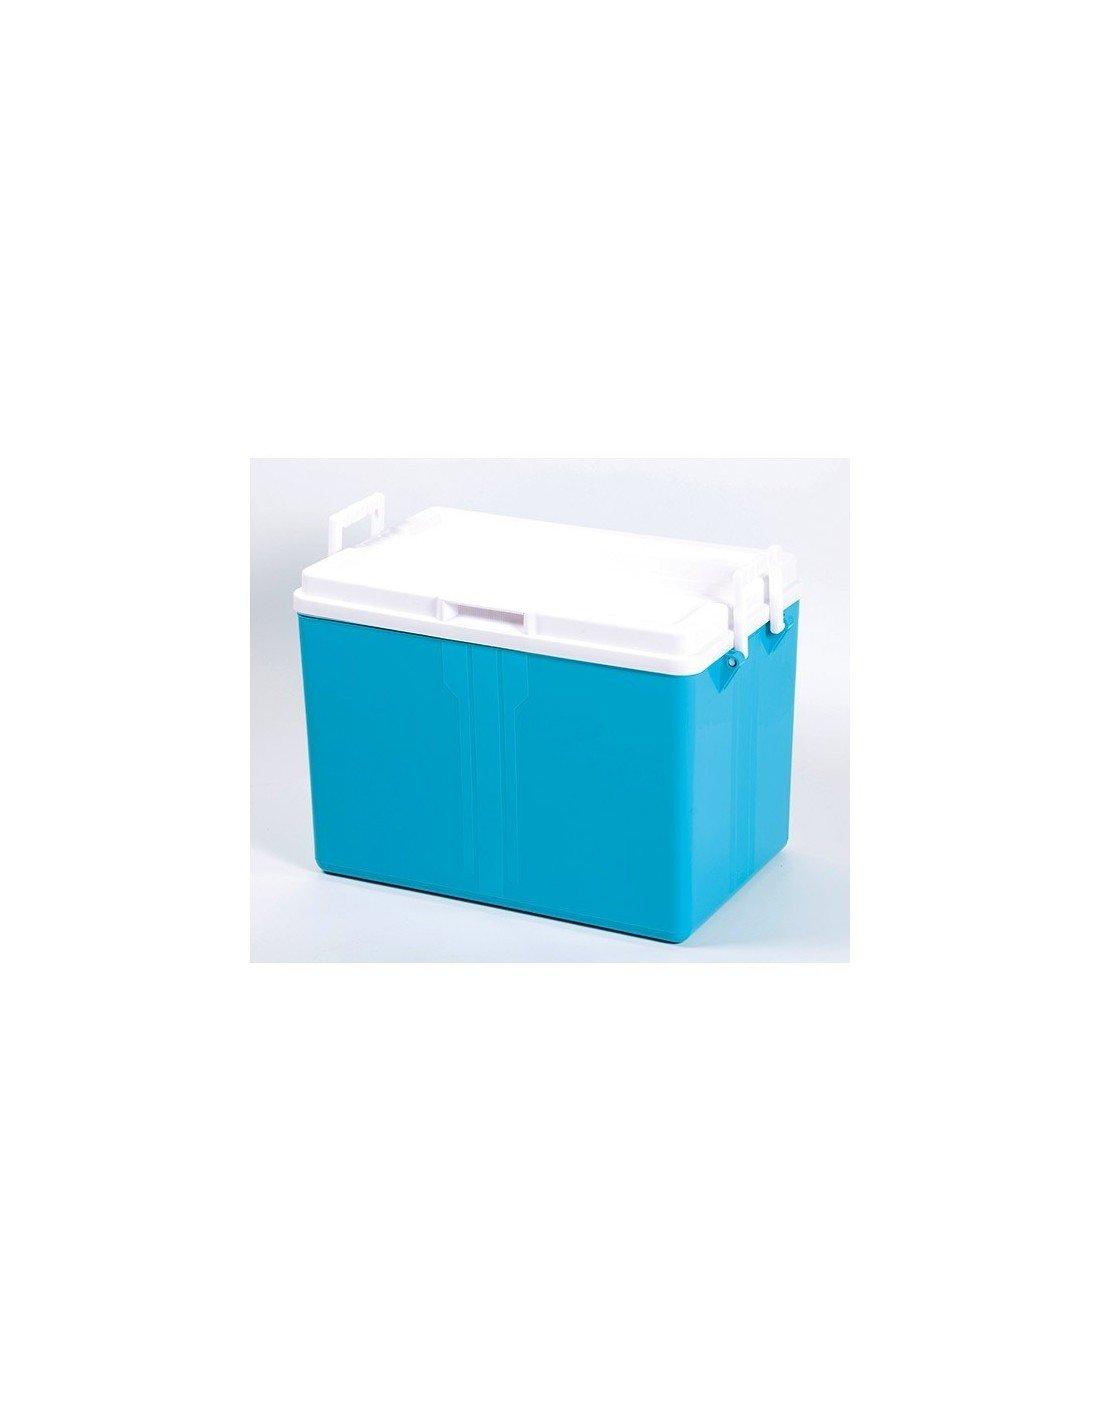 EDA PLASTIQUES davgl52 Kühlbox Kunststoff blau türkis 52 L